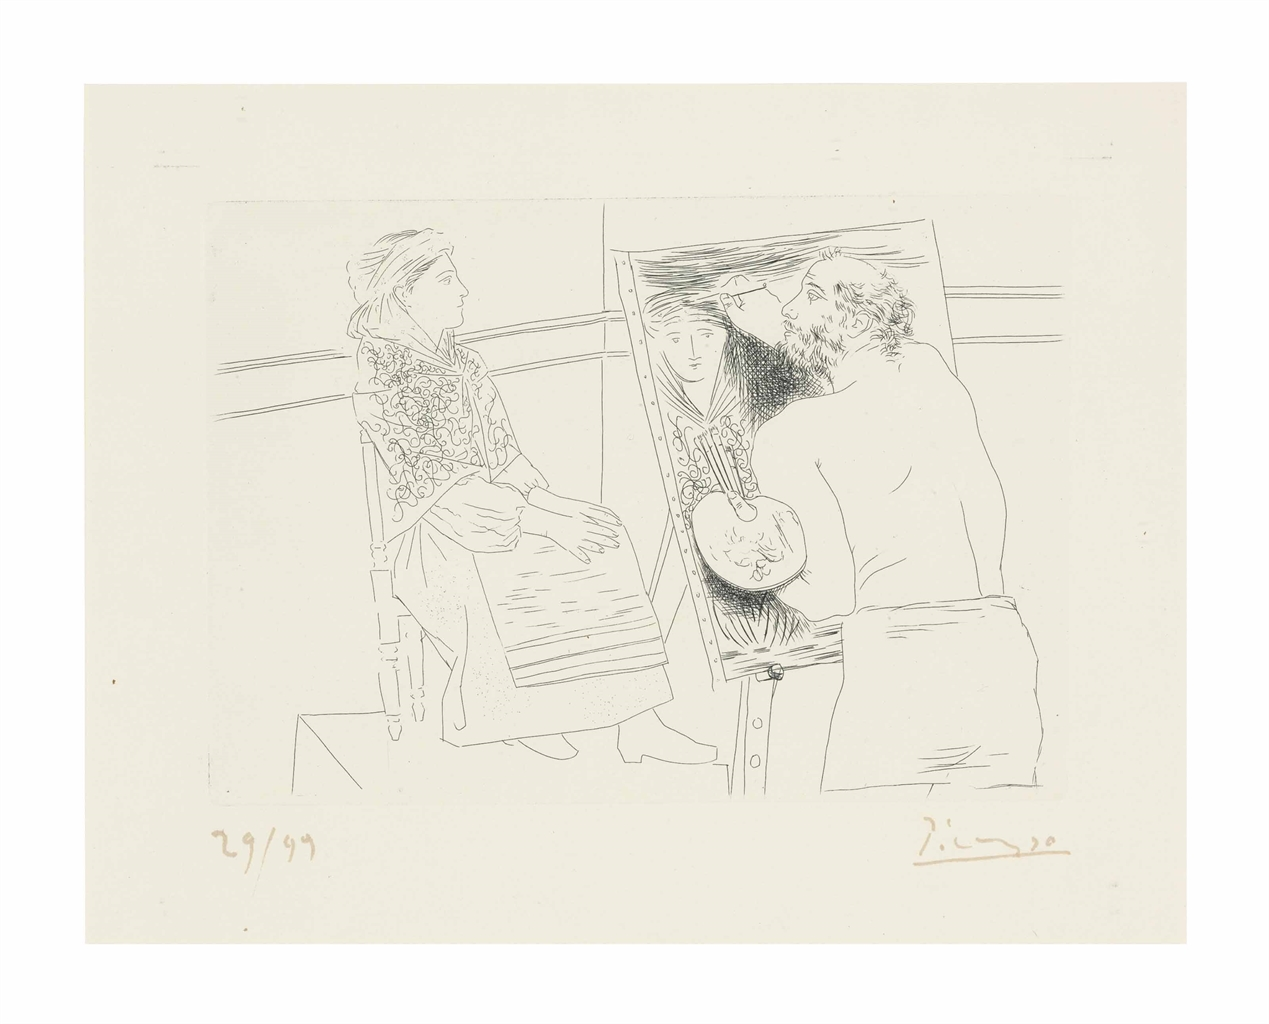 Pablo Picasso-Peintre Chauve Devant son Chevalet, from Le Chef d'Oeuvre Inconnu-1927